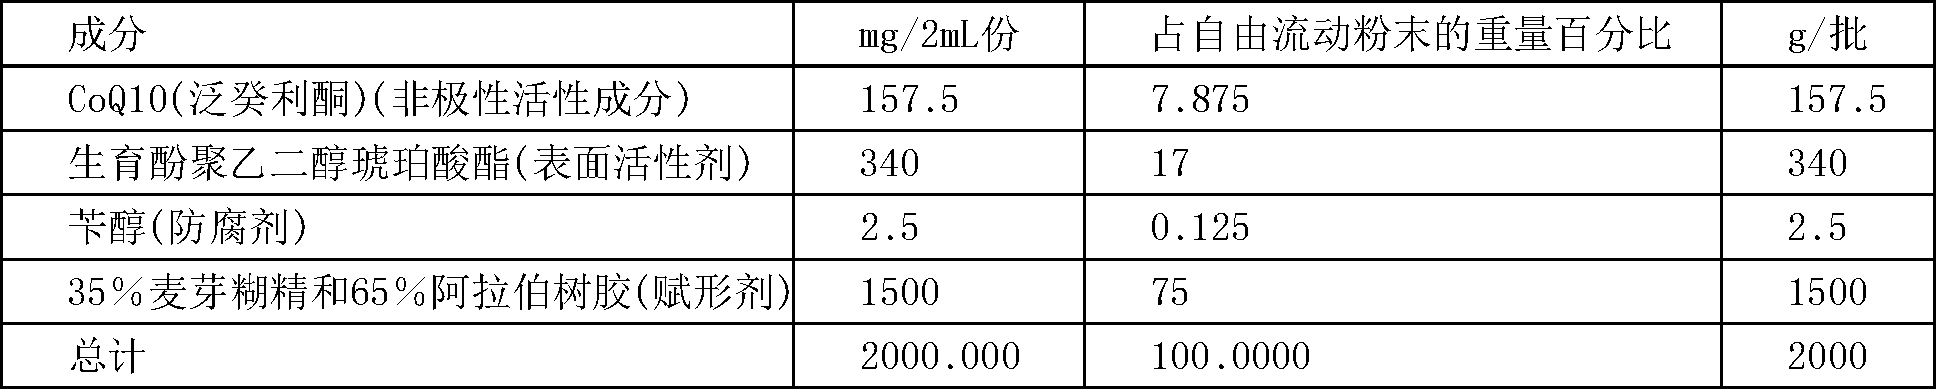 Figure CN102036661BD00954